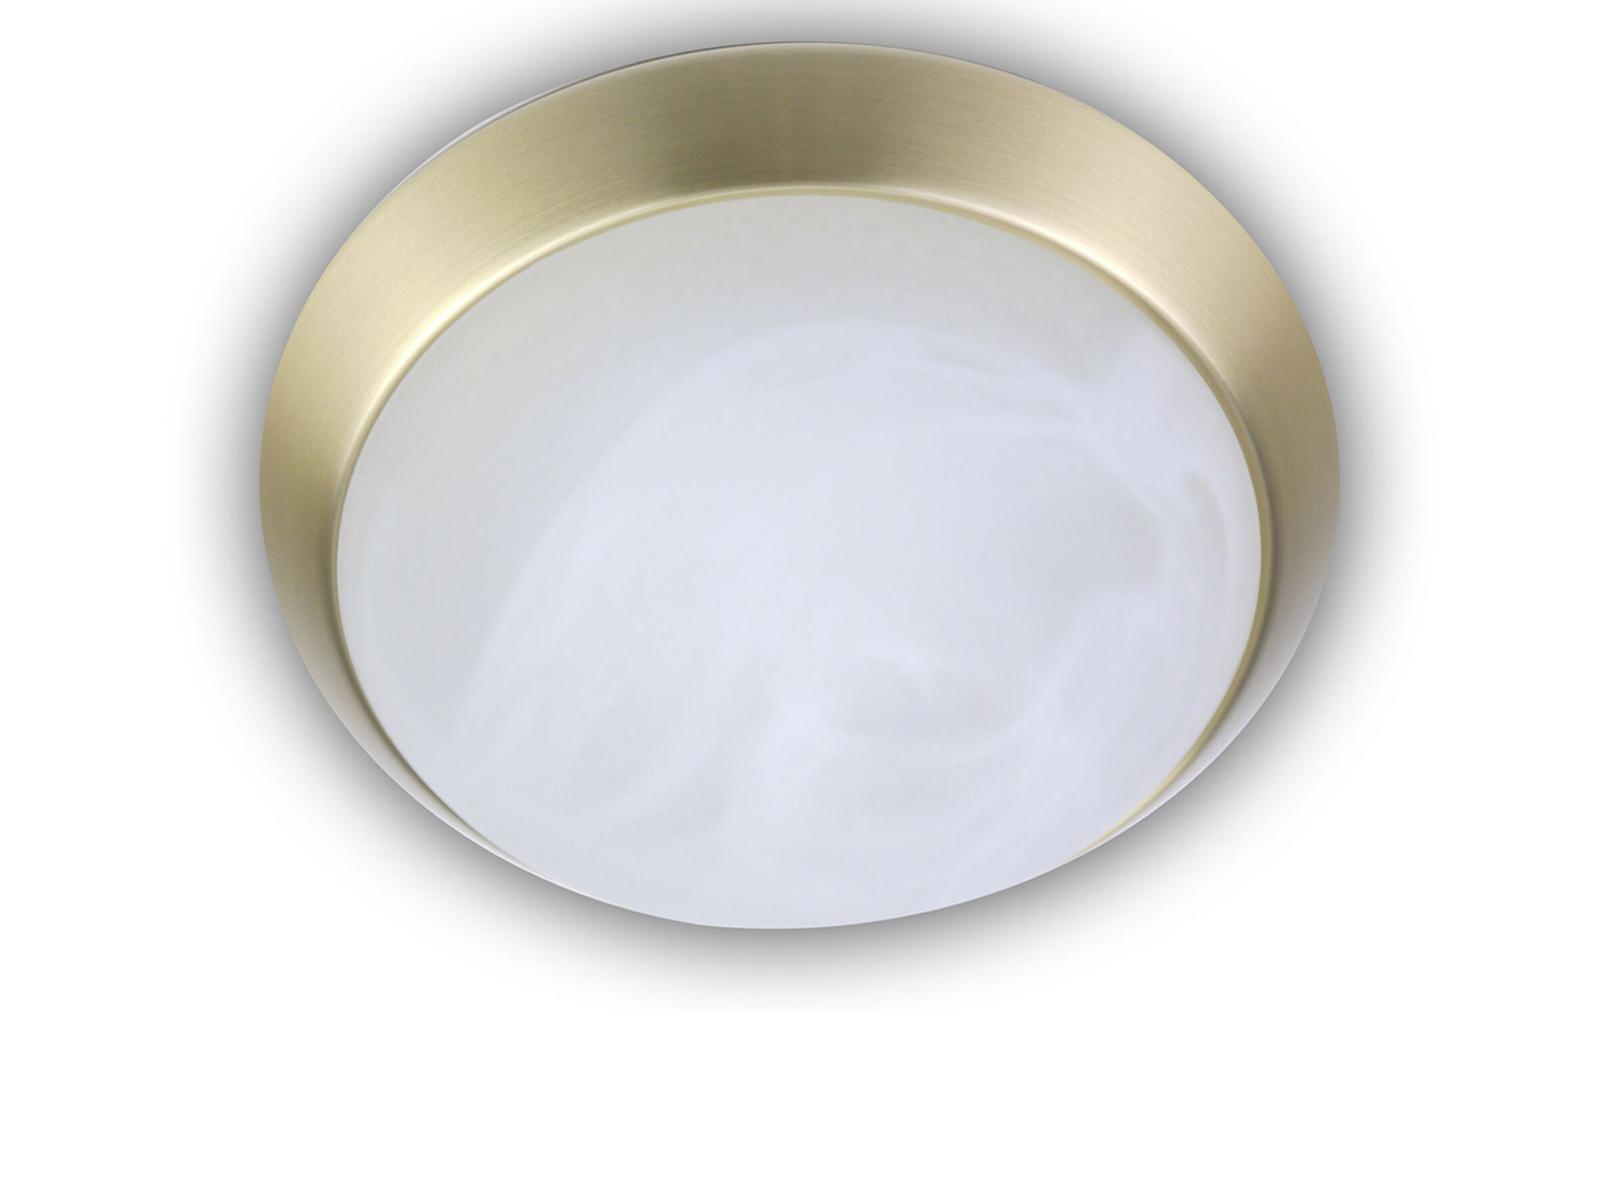 LED-Deckenleuchte-Glas-Alabaster-Messing-matt-35cm-LED-Schlafzimmerleuchte